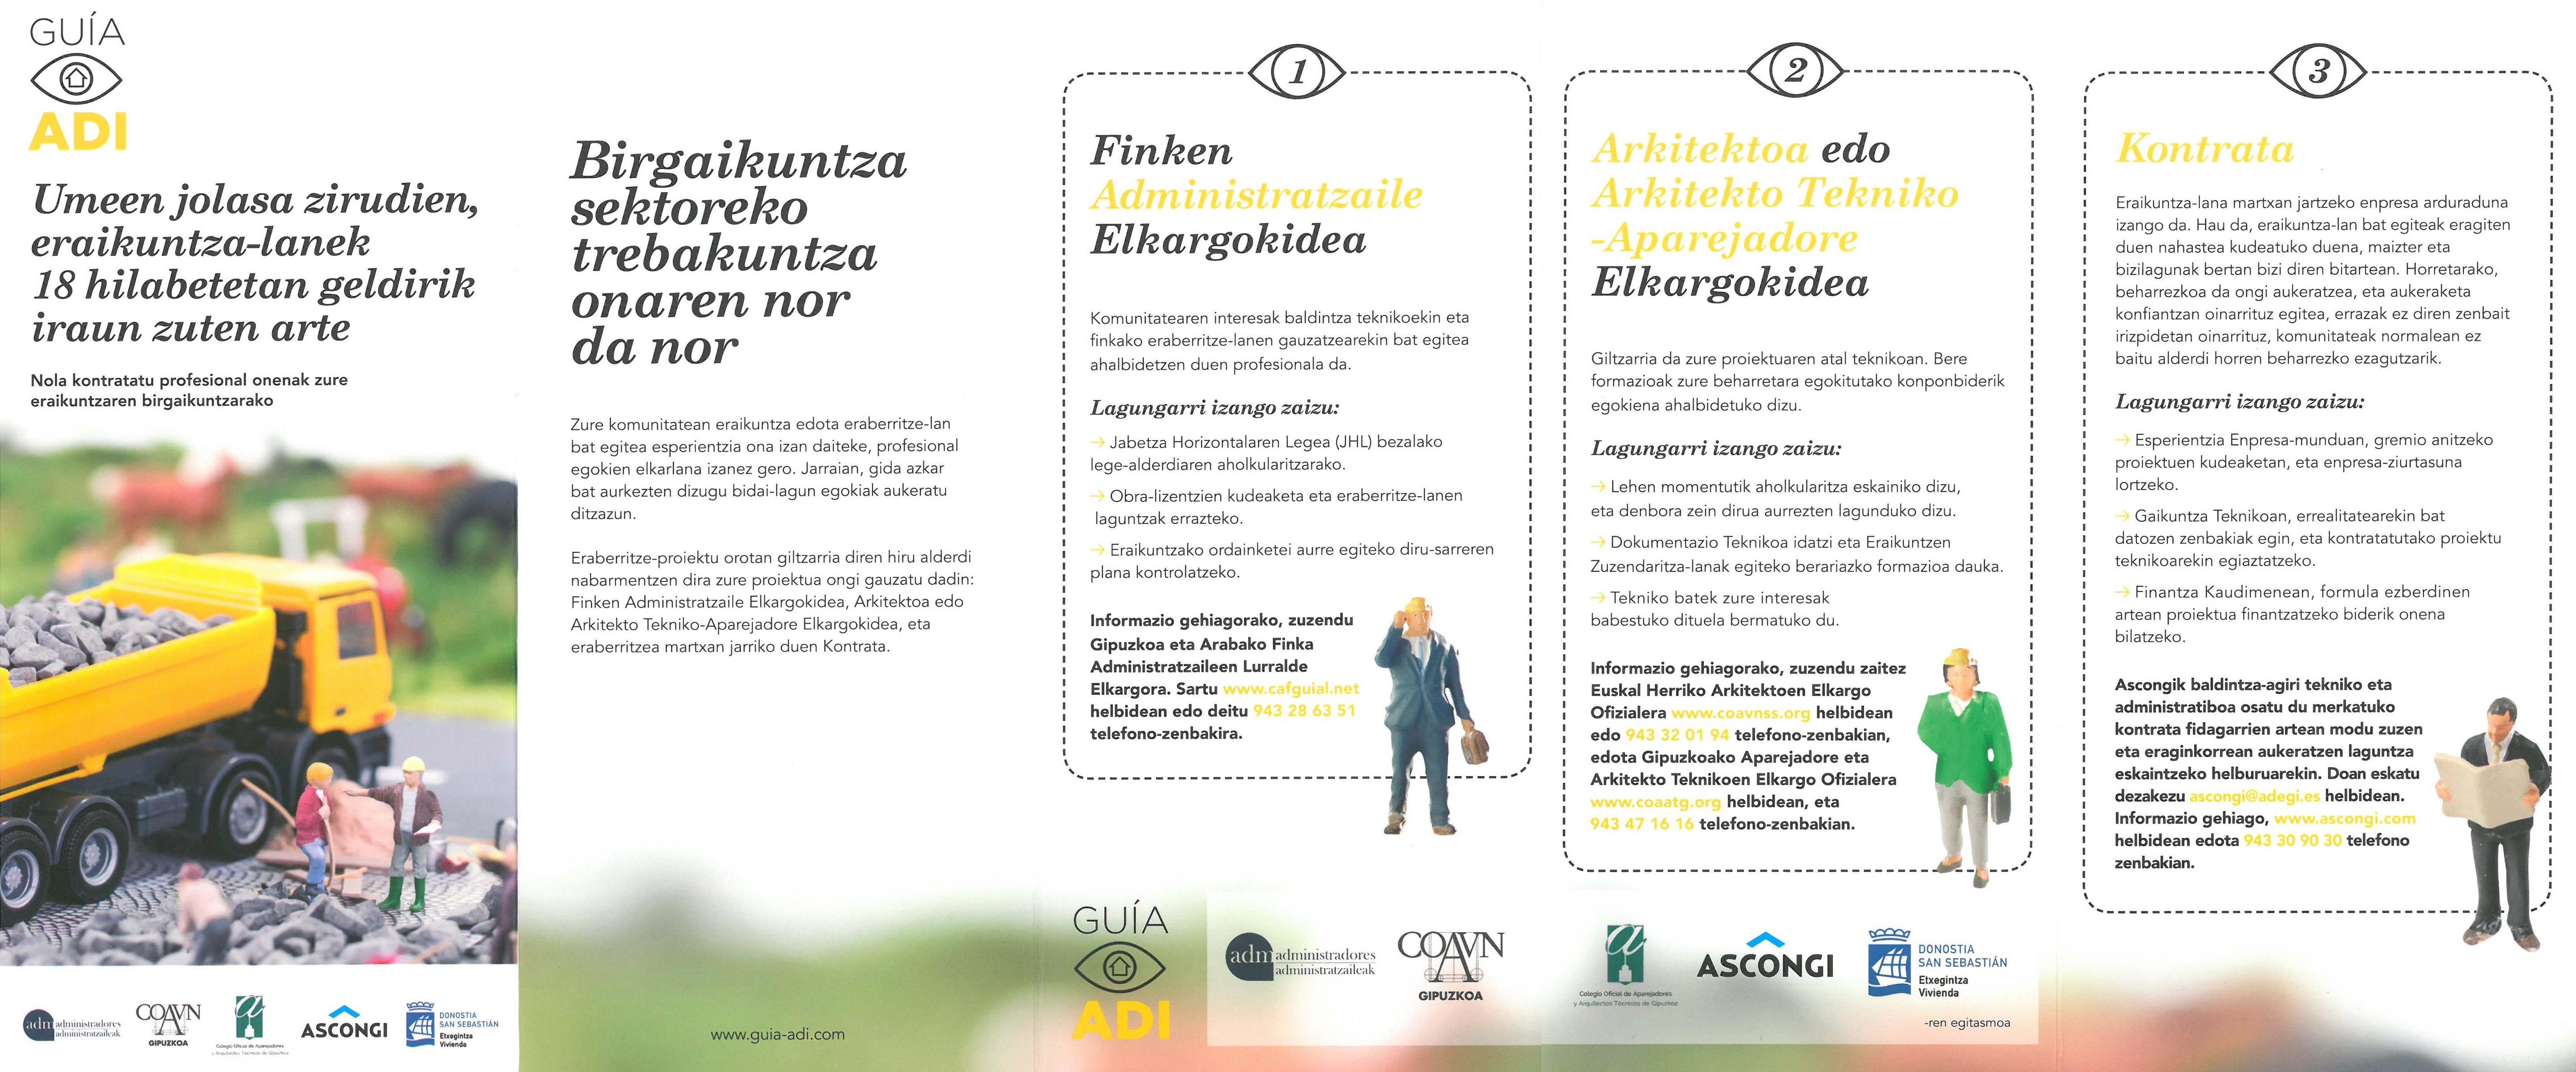 imagen 4 de noticia: kursaal-en-la-campaa-adi-para-impulsar-la-calidad-en-las-obras-de-rehabilitacin